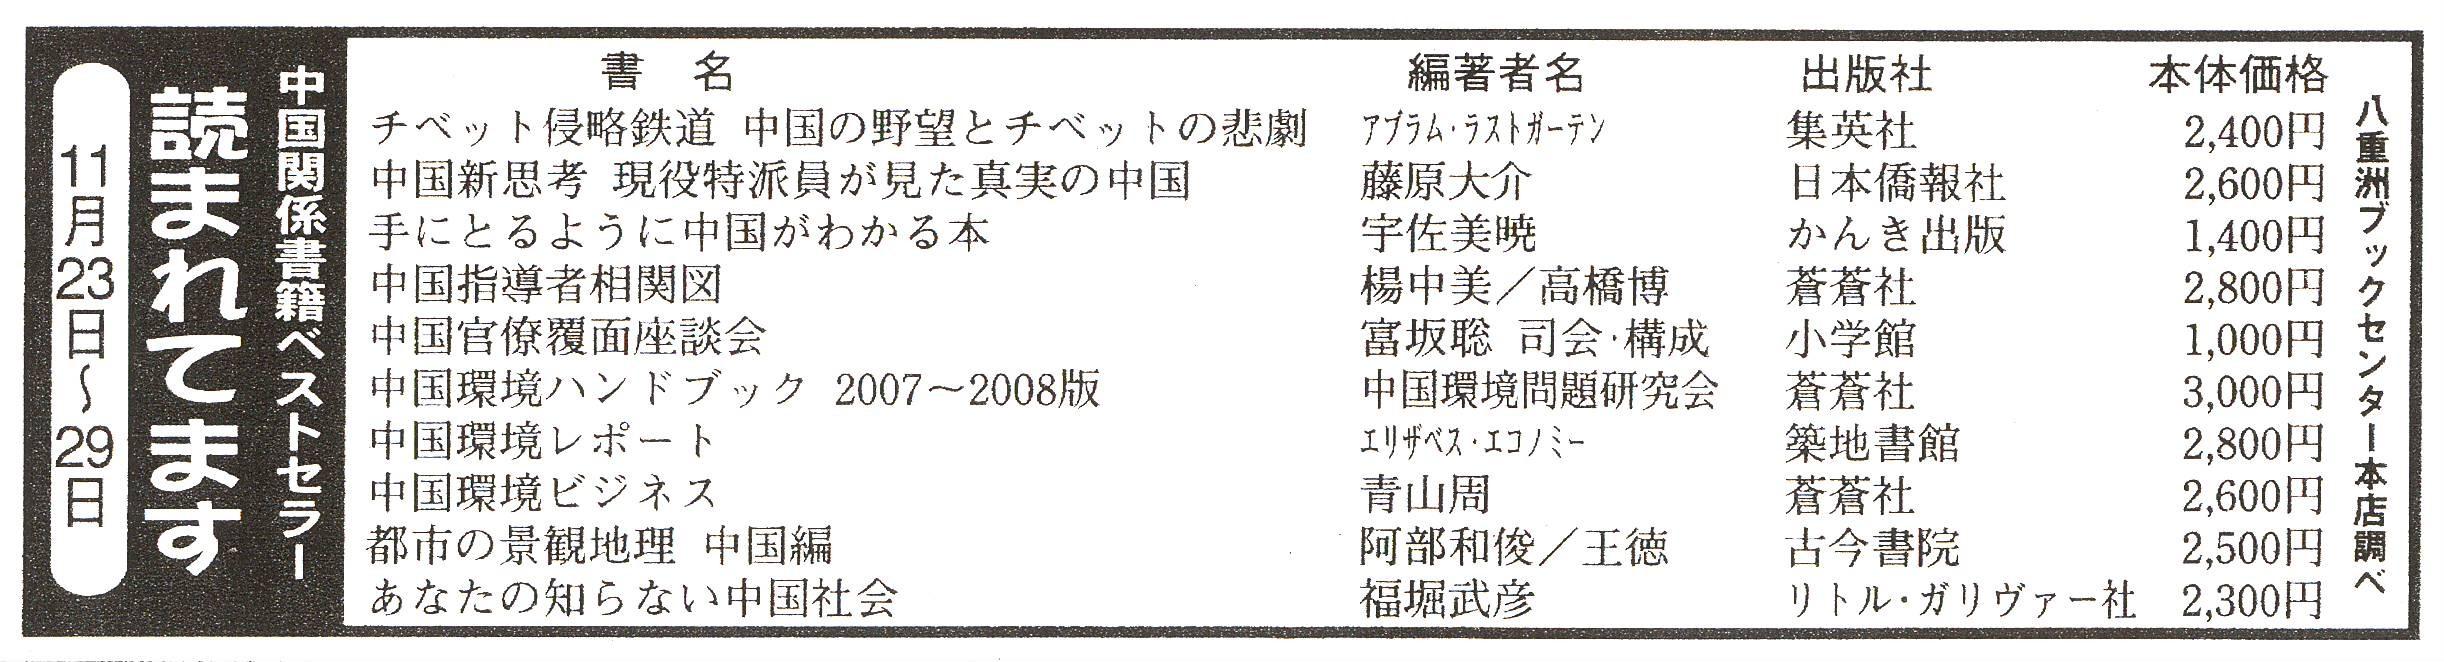 『中国新思考ー現役特派員が見た真実の中国1800日』(藤原大介著) またも八重洲ブックセンター2位に_d0027795_1142840.jpg